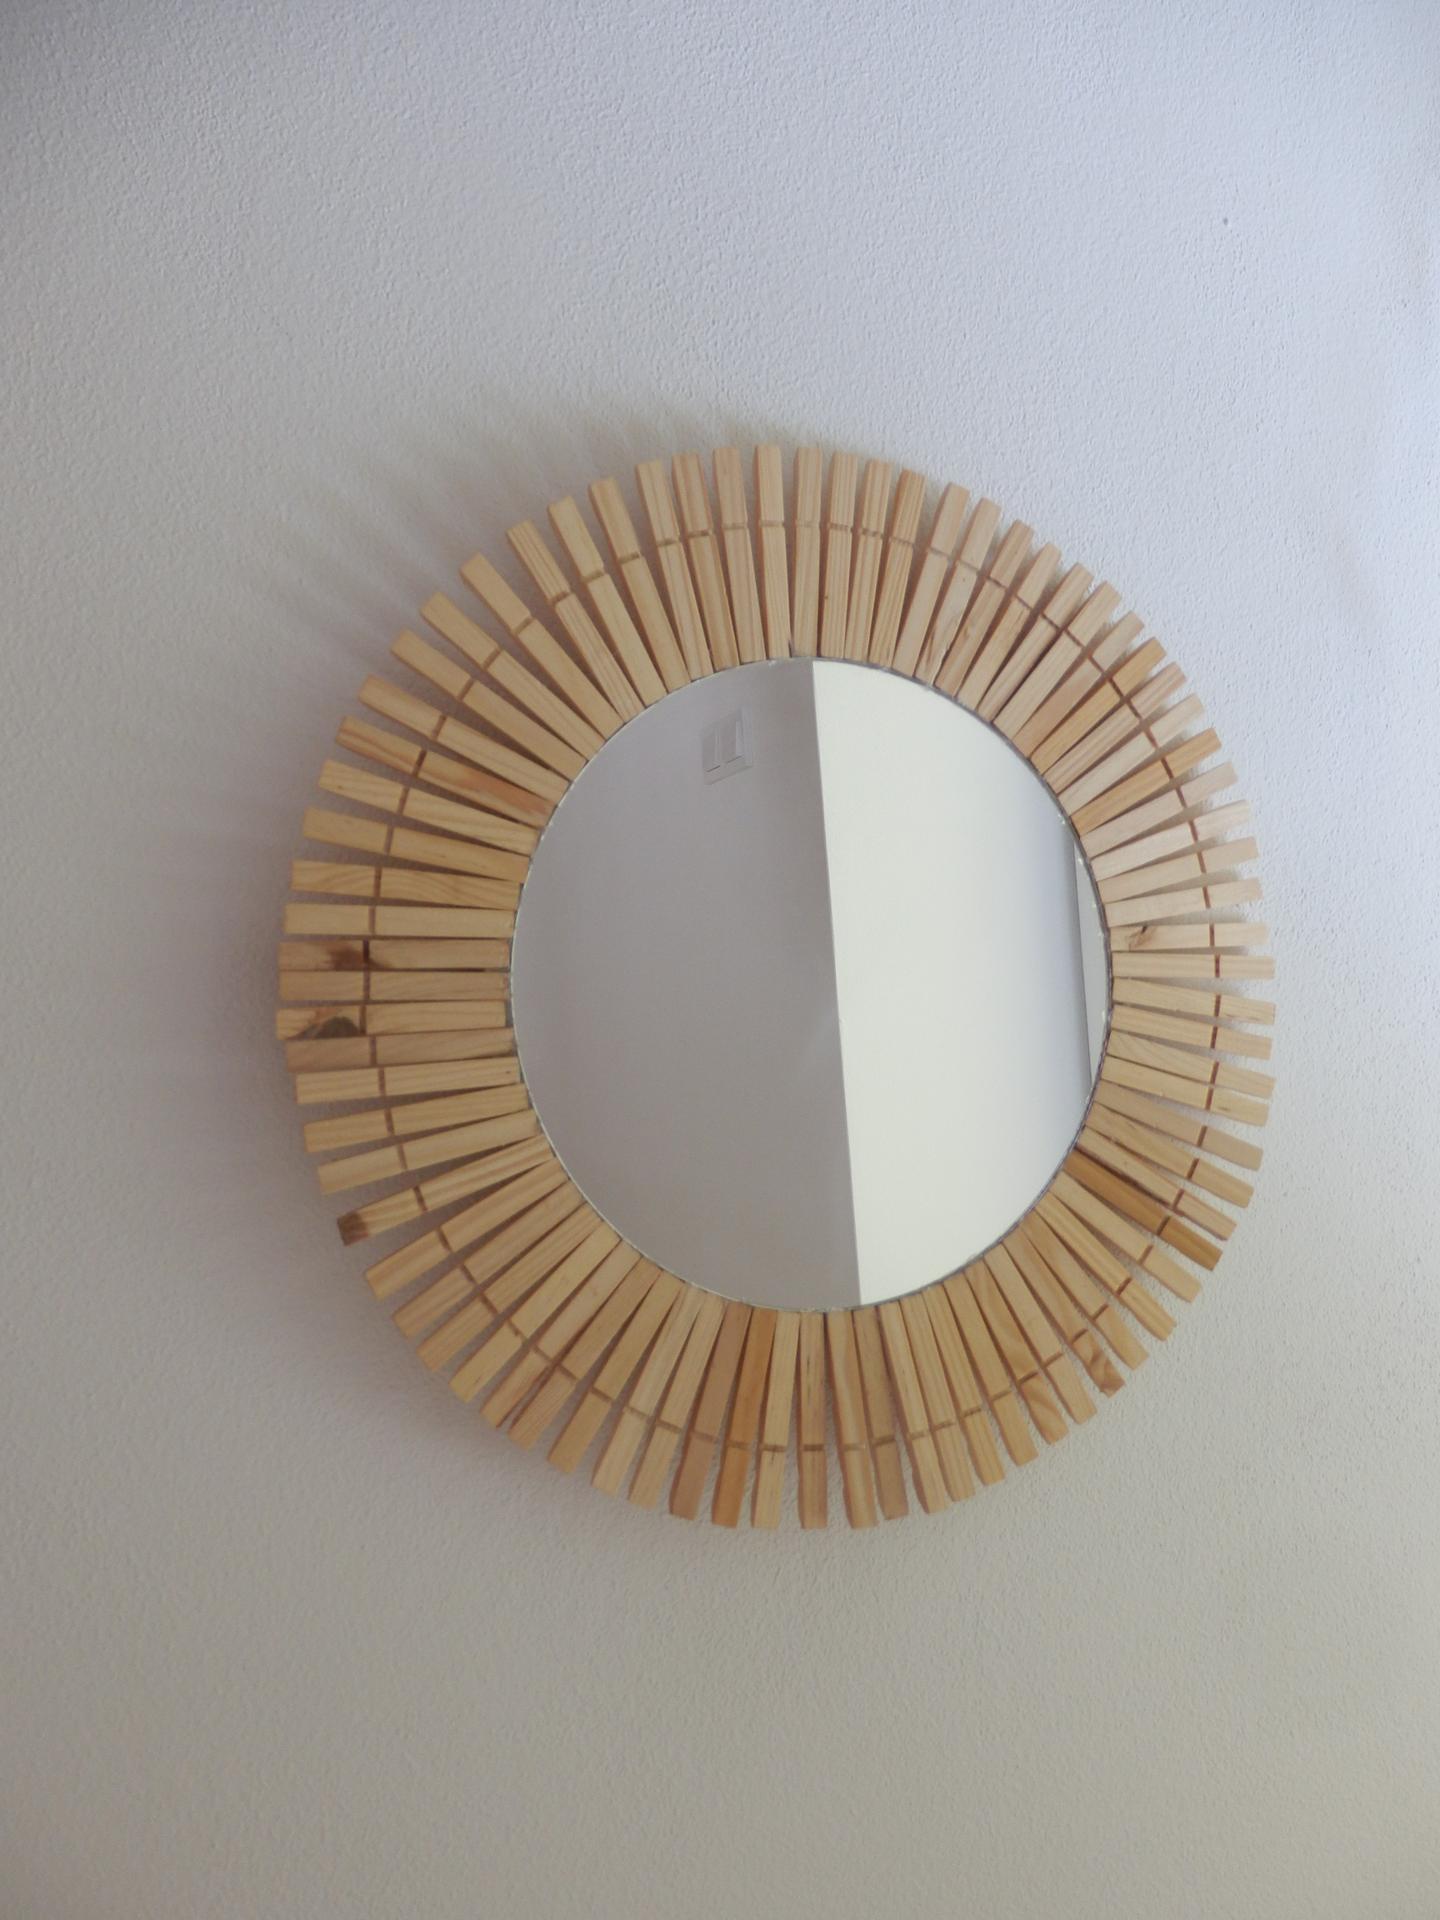 Tvoření je radost - Zrcadlo ve tvaru kruhu, karton, kolíčky na prádlo, tavná pistole. :-)